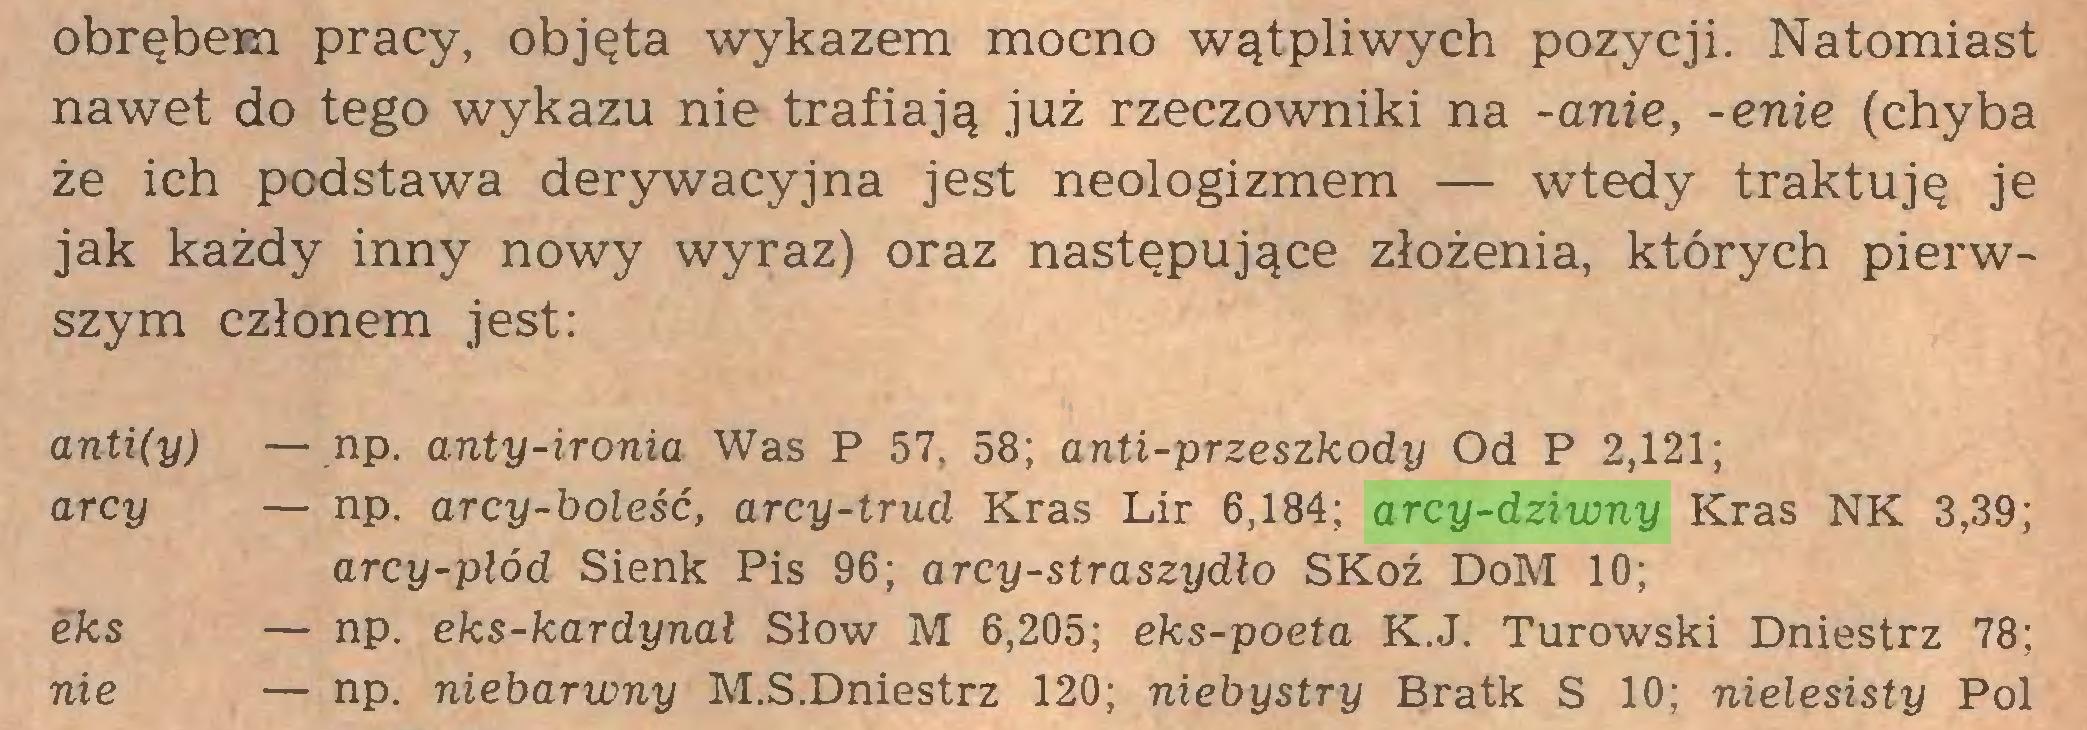 (...) obrębem pracy, objęta wykazem mocno wątpliwych pozycji. Natomiast nawet do tego wykazu nie trafiają już rzeczowniki na -anie, -enie (chyba że ich podstawa derywacyjna jest neologizmem — wtedy traktuję je jak każdy inny nowy wyraz) oraz następujące złożenia, których pierwszym członem jest: anti(y) — np. anty-ironia Was P 57, 58; anti-przeszkody Od P 2,121; arcy — np. arcy-boleść, arcy-trud Kras Lir 6,184; arcy-dziwny Kras NK 3,39; arcy-płód Sienk Pis 96; arcy-straszydło SKoź DoM 10; eks — np. eks-kardynał Słów M 6,205; eks-poeta K.J. Turowski Dniestrz 78; nie — np. niebarwny M.S.Dniestrz 120; niebystry Bratk S 10; nielesisty Pol...